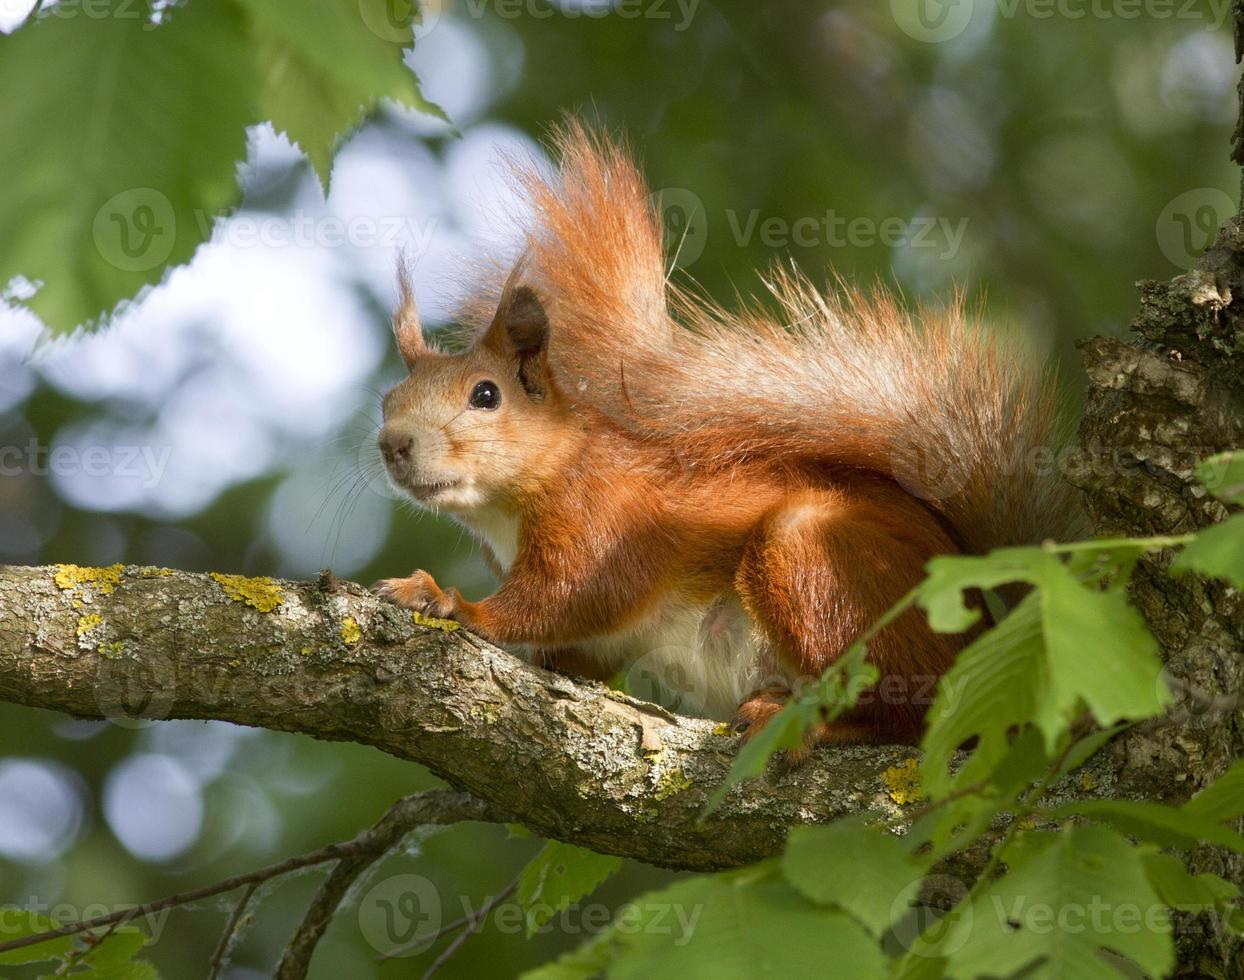 esquilo sentado em uma árvore. foto